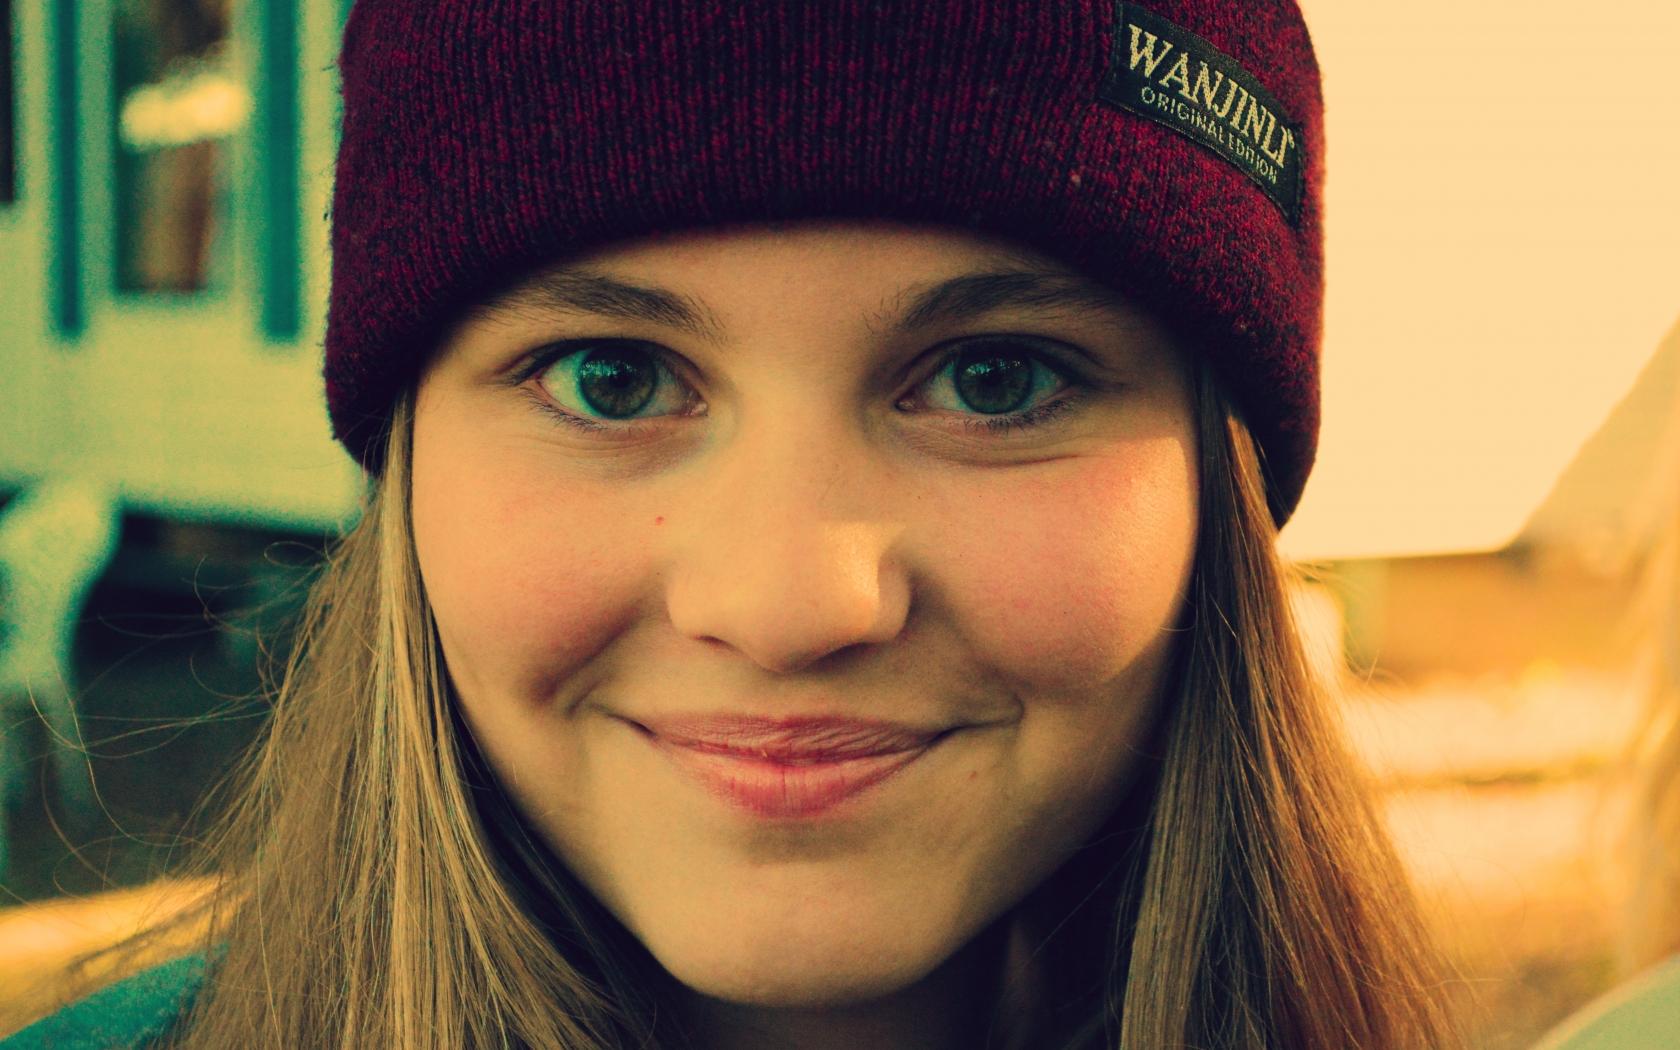 Chica sonriendo con gorra - 1680x1050